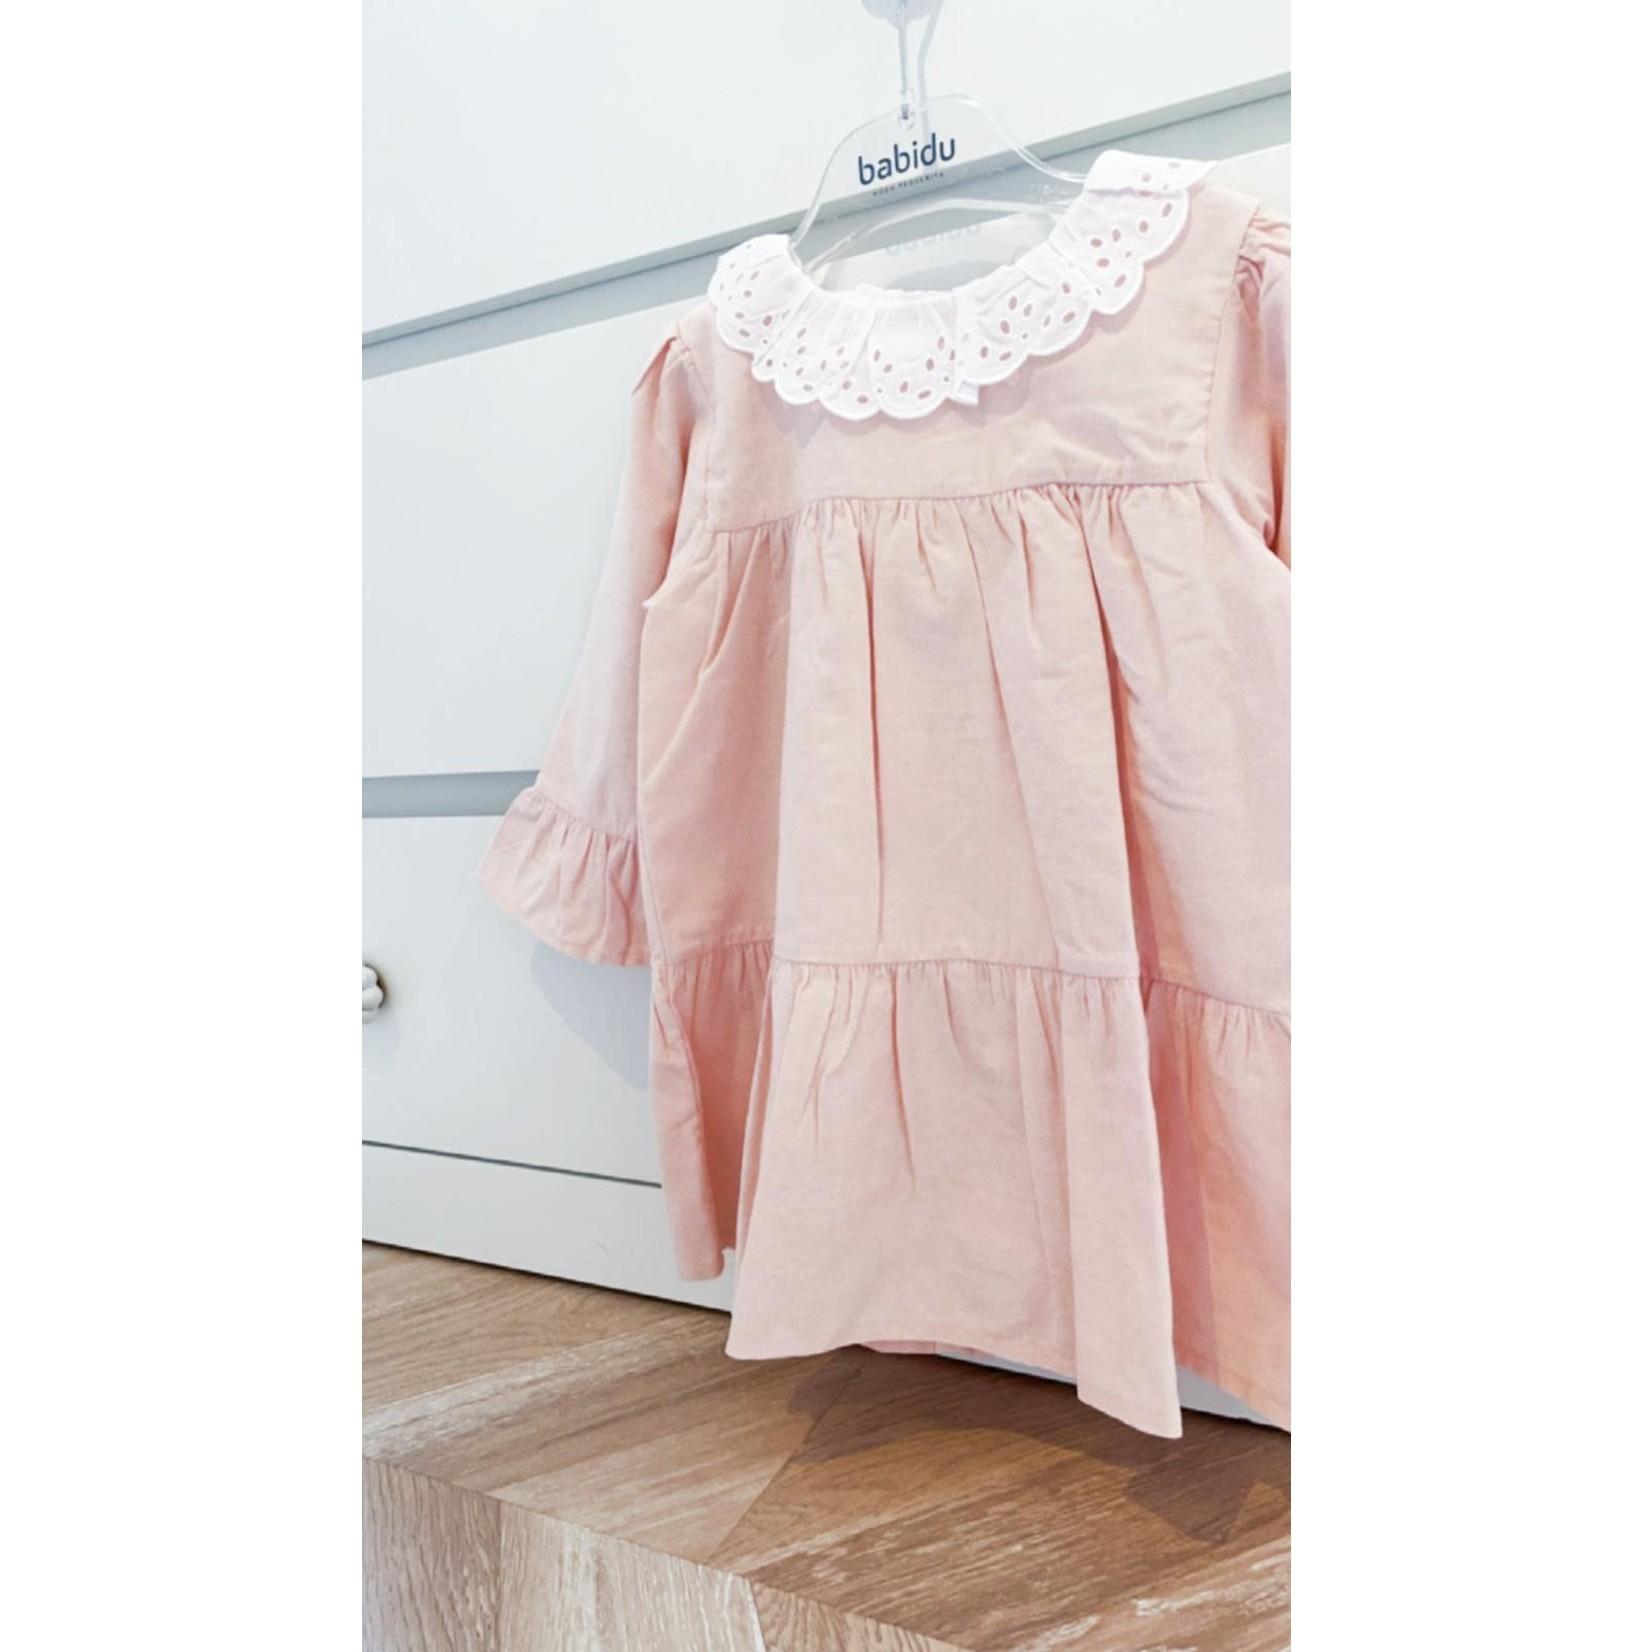 Babidu Dress Mila Girls - Babidu